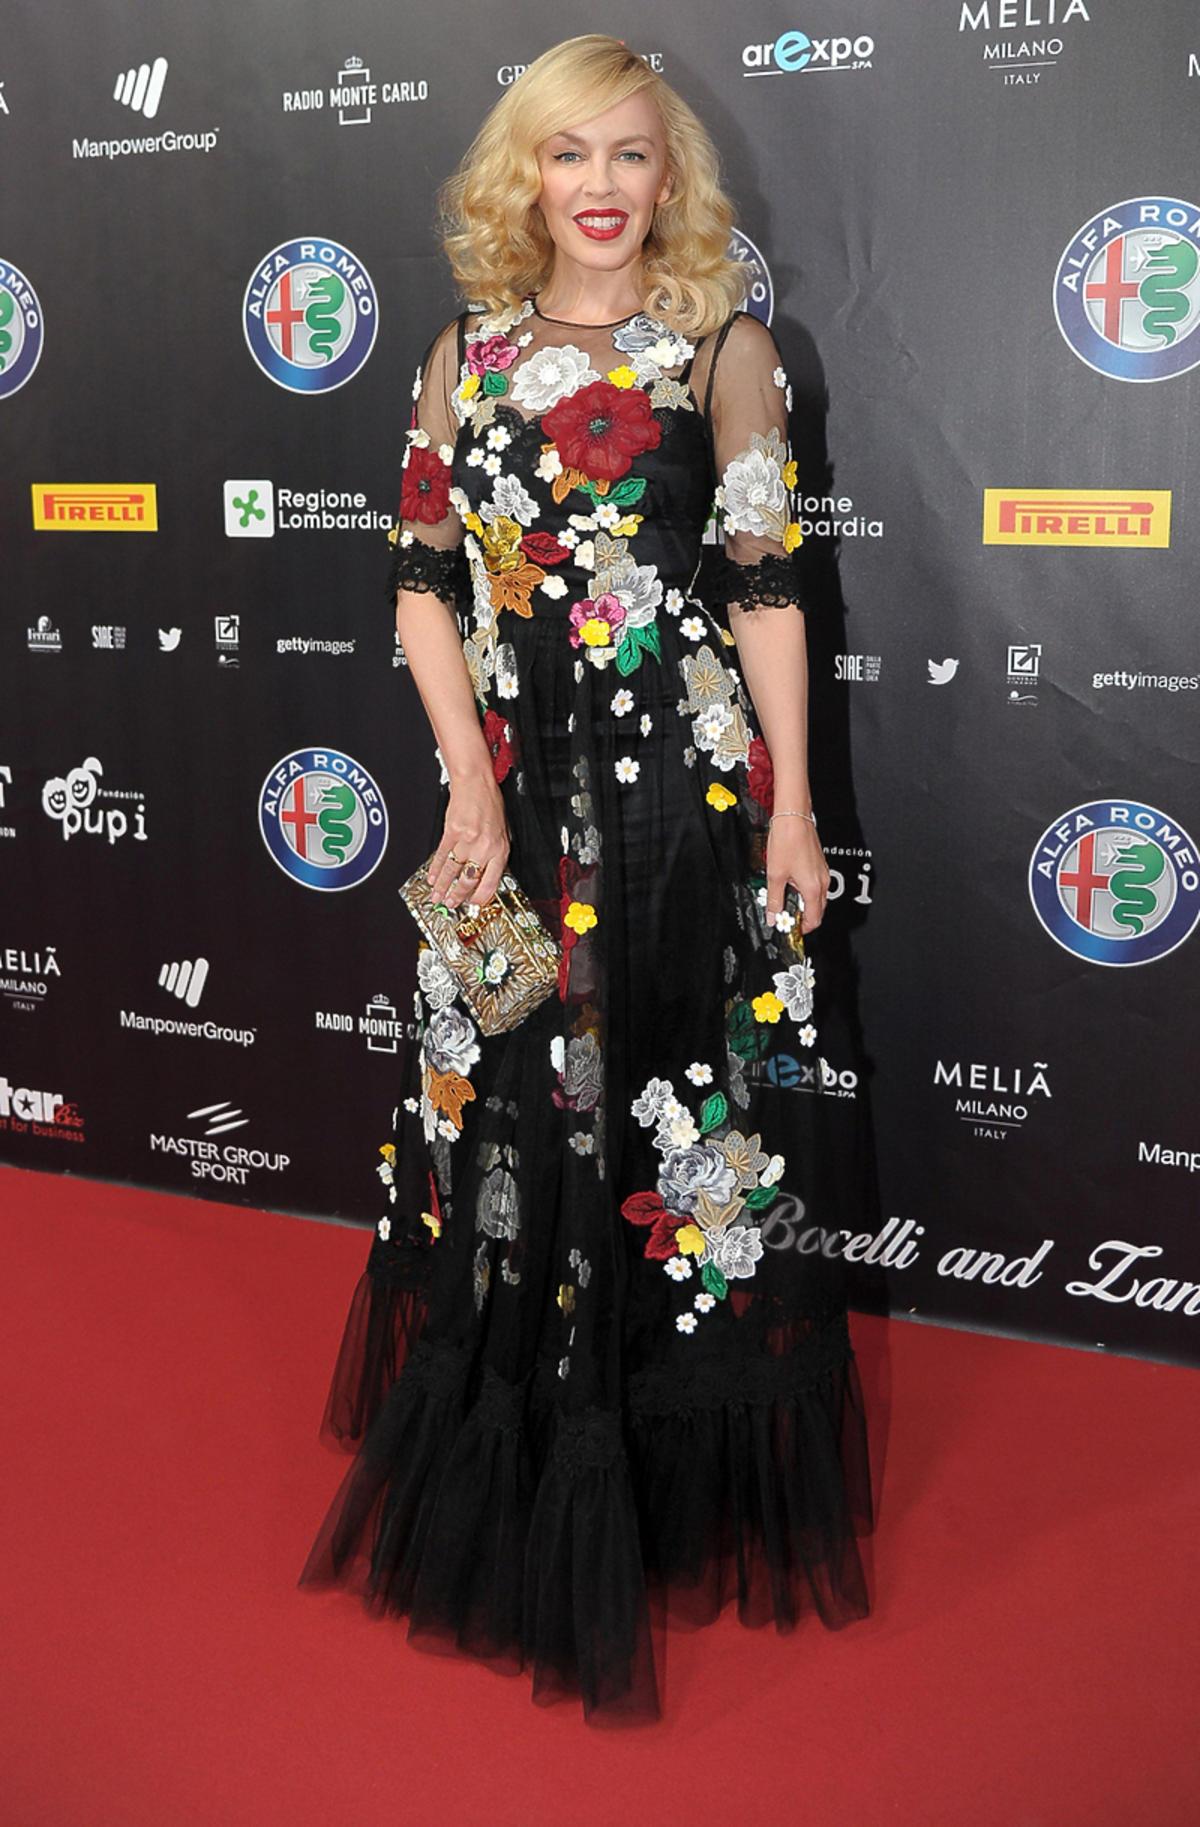 Kylie Minogue w sukni Dolce&Gabbana na koncercie w Mediolanie